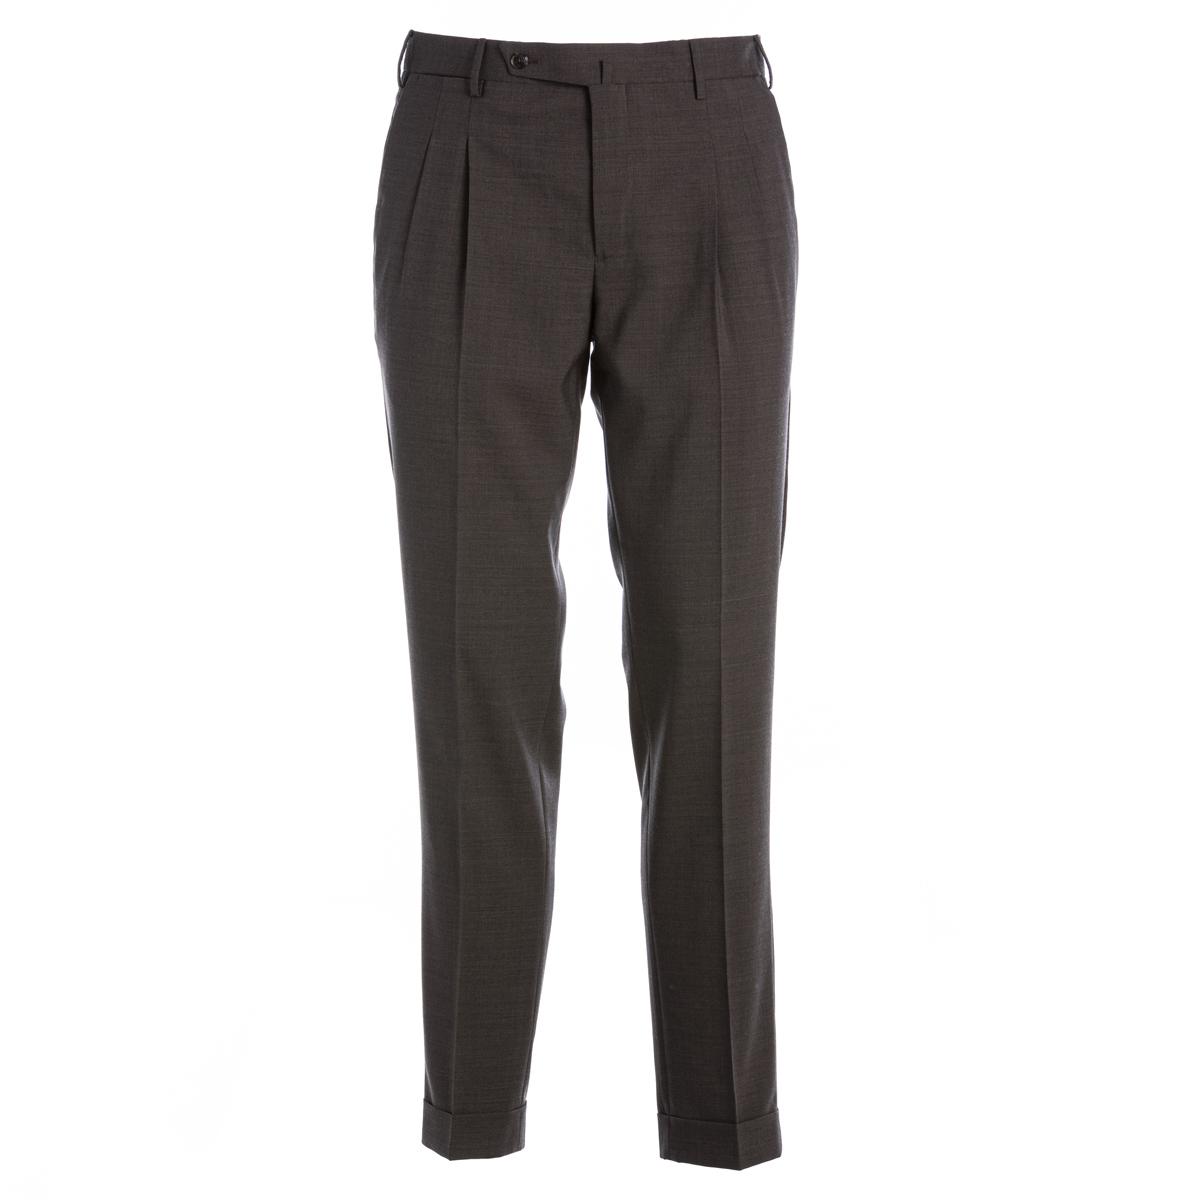 Pantalone in frescolana PT01 Preppy slim Marrone